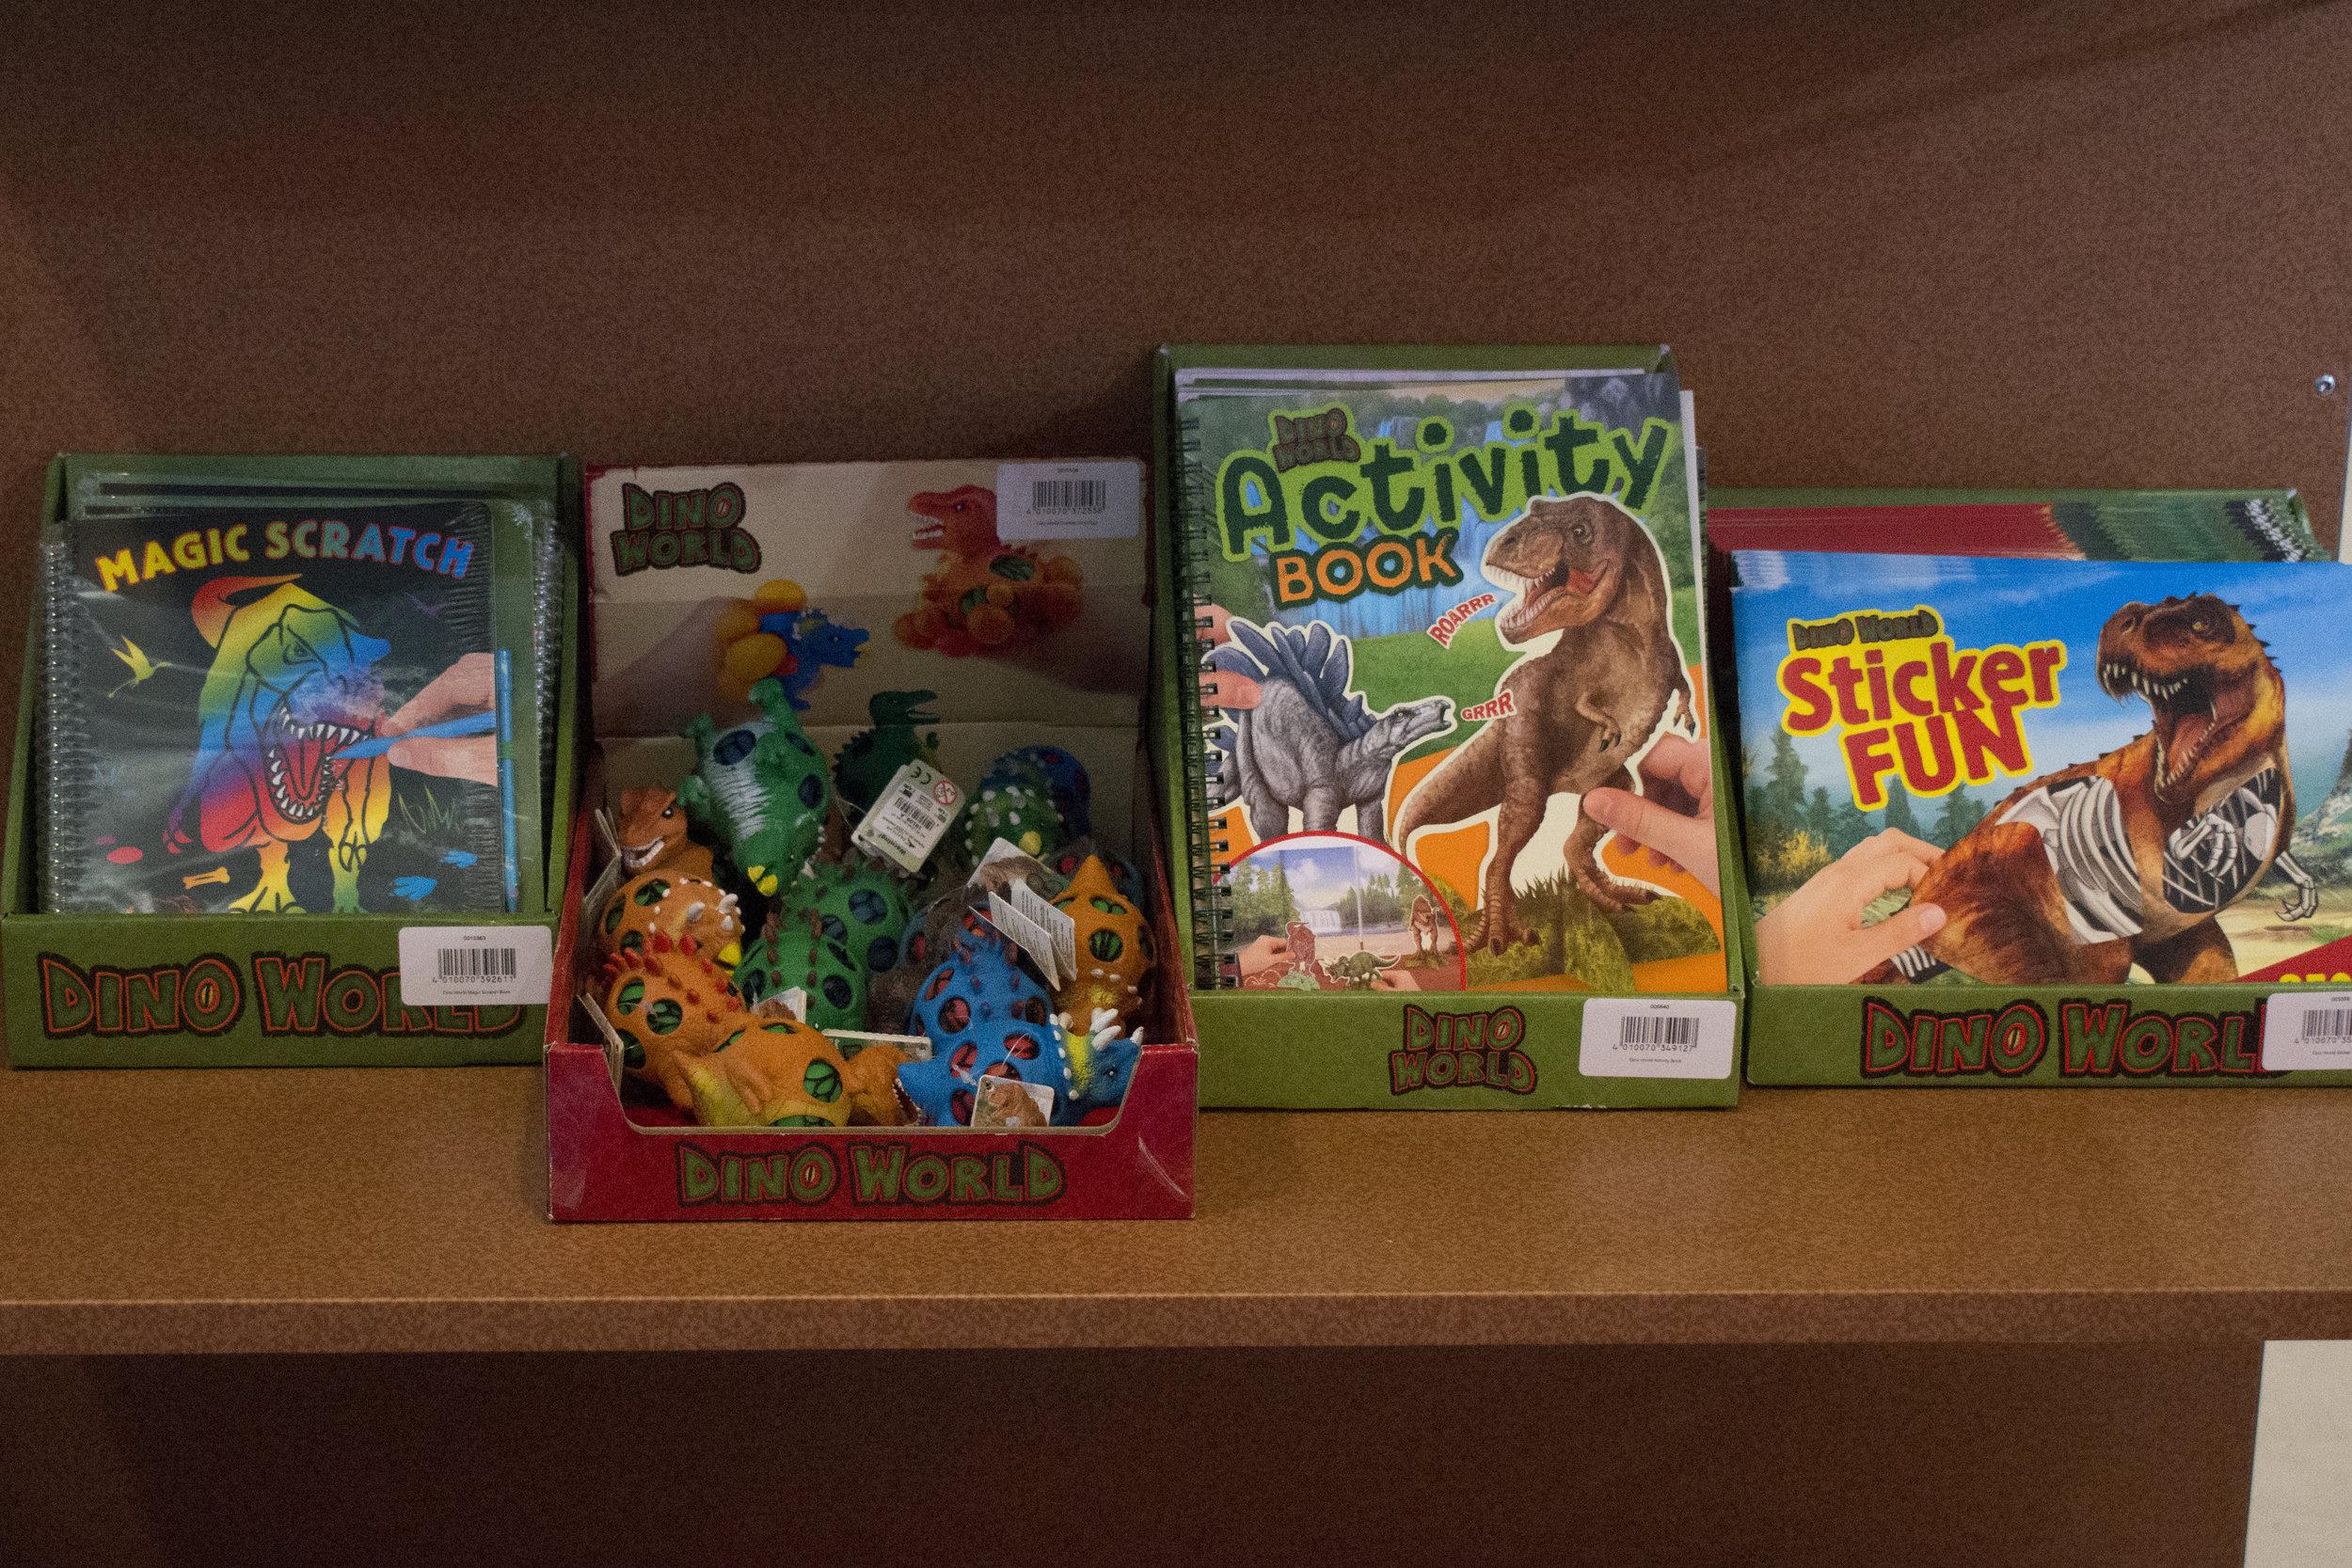 Dino World Shelves 2.jpg